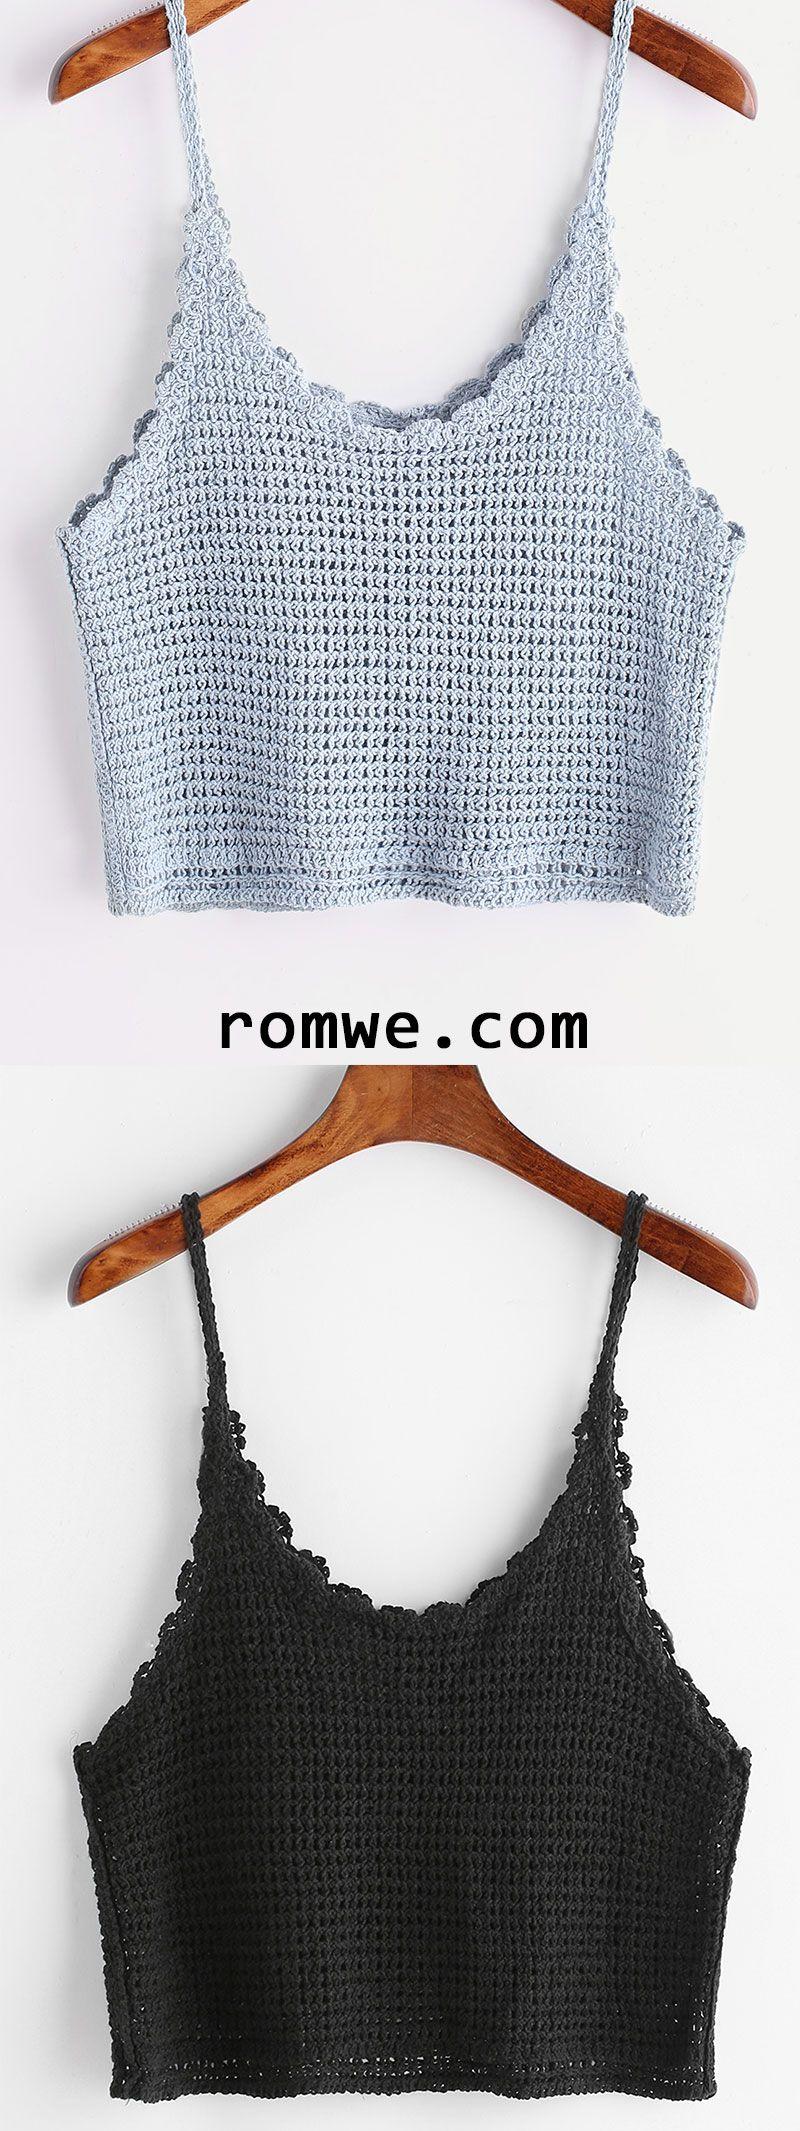 adamarisholguin | Knitting | Pinterest | Häkeln, Häkelmuster und ...